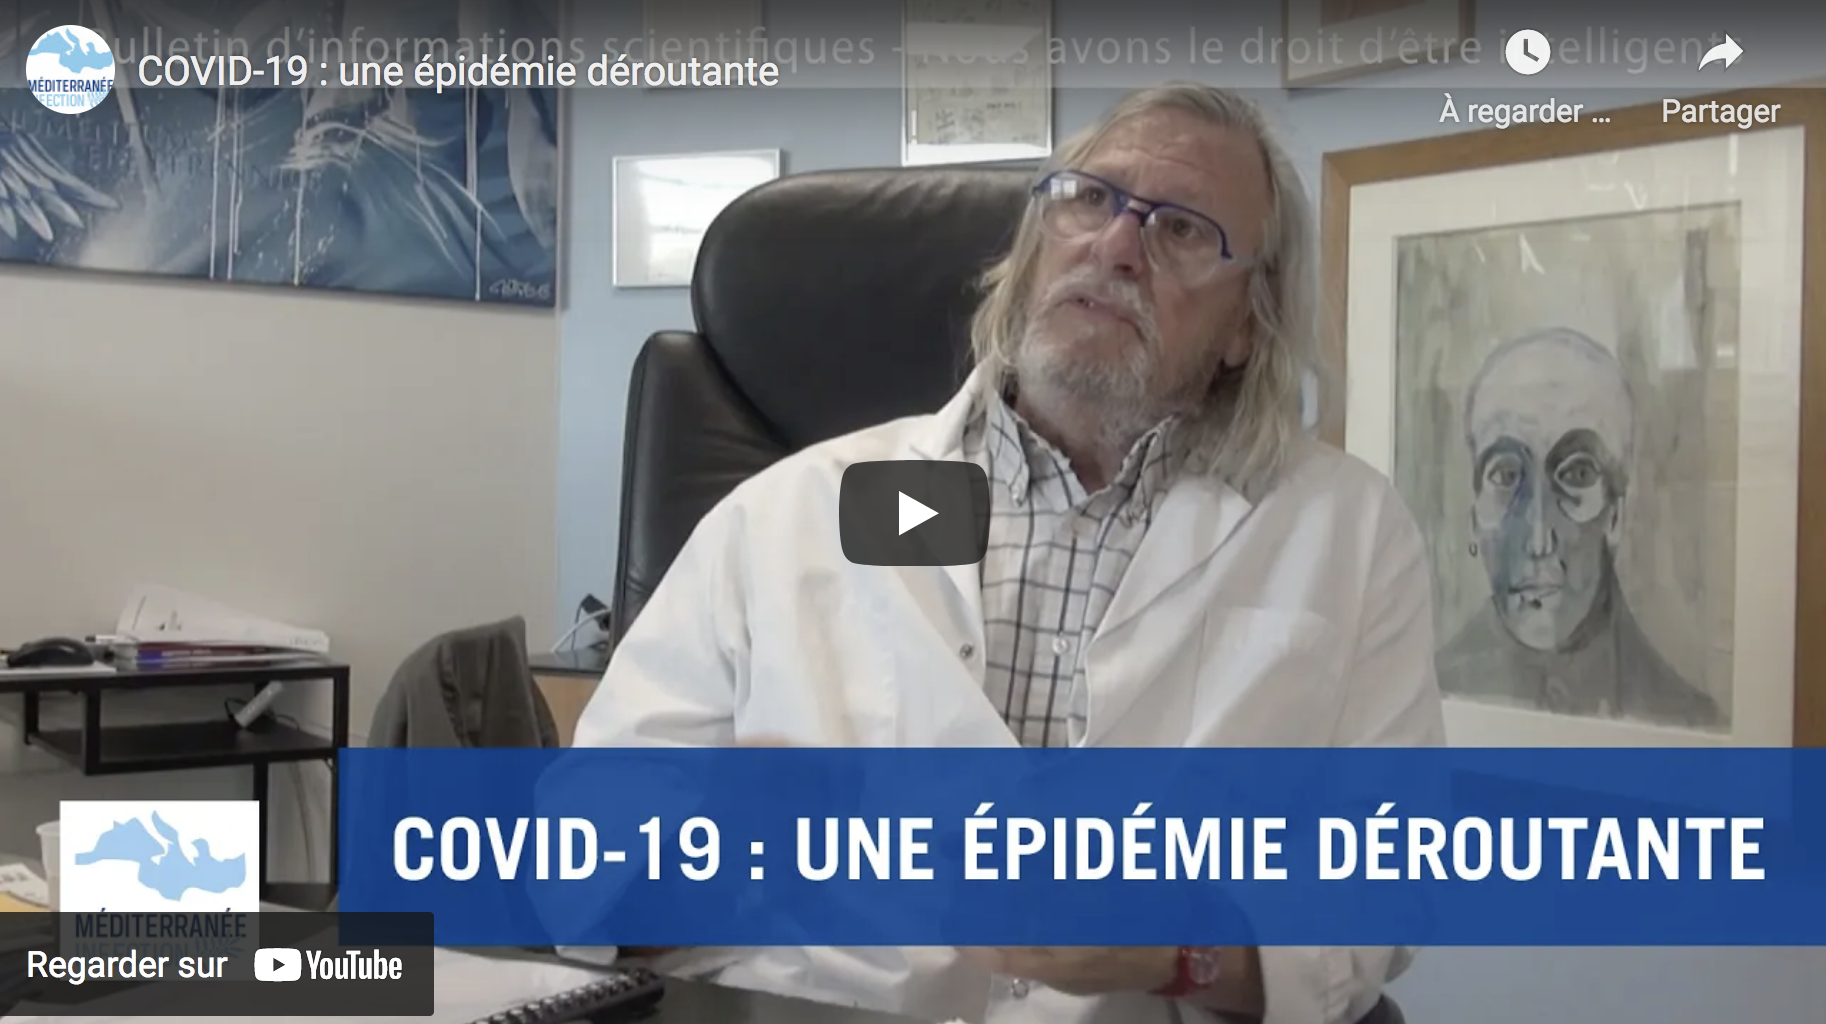 Covid-19 : une épidémie déroutante (Pr Didier Raoult)